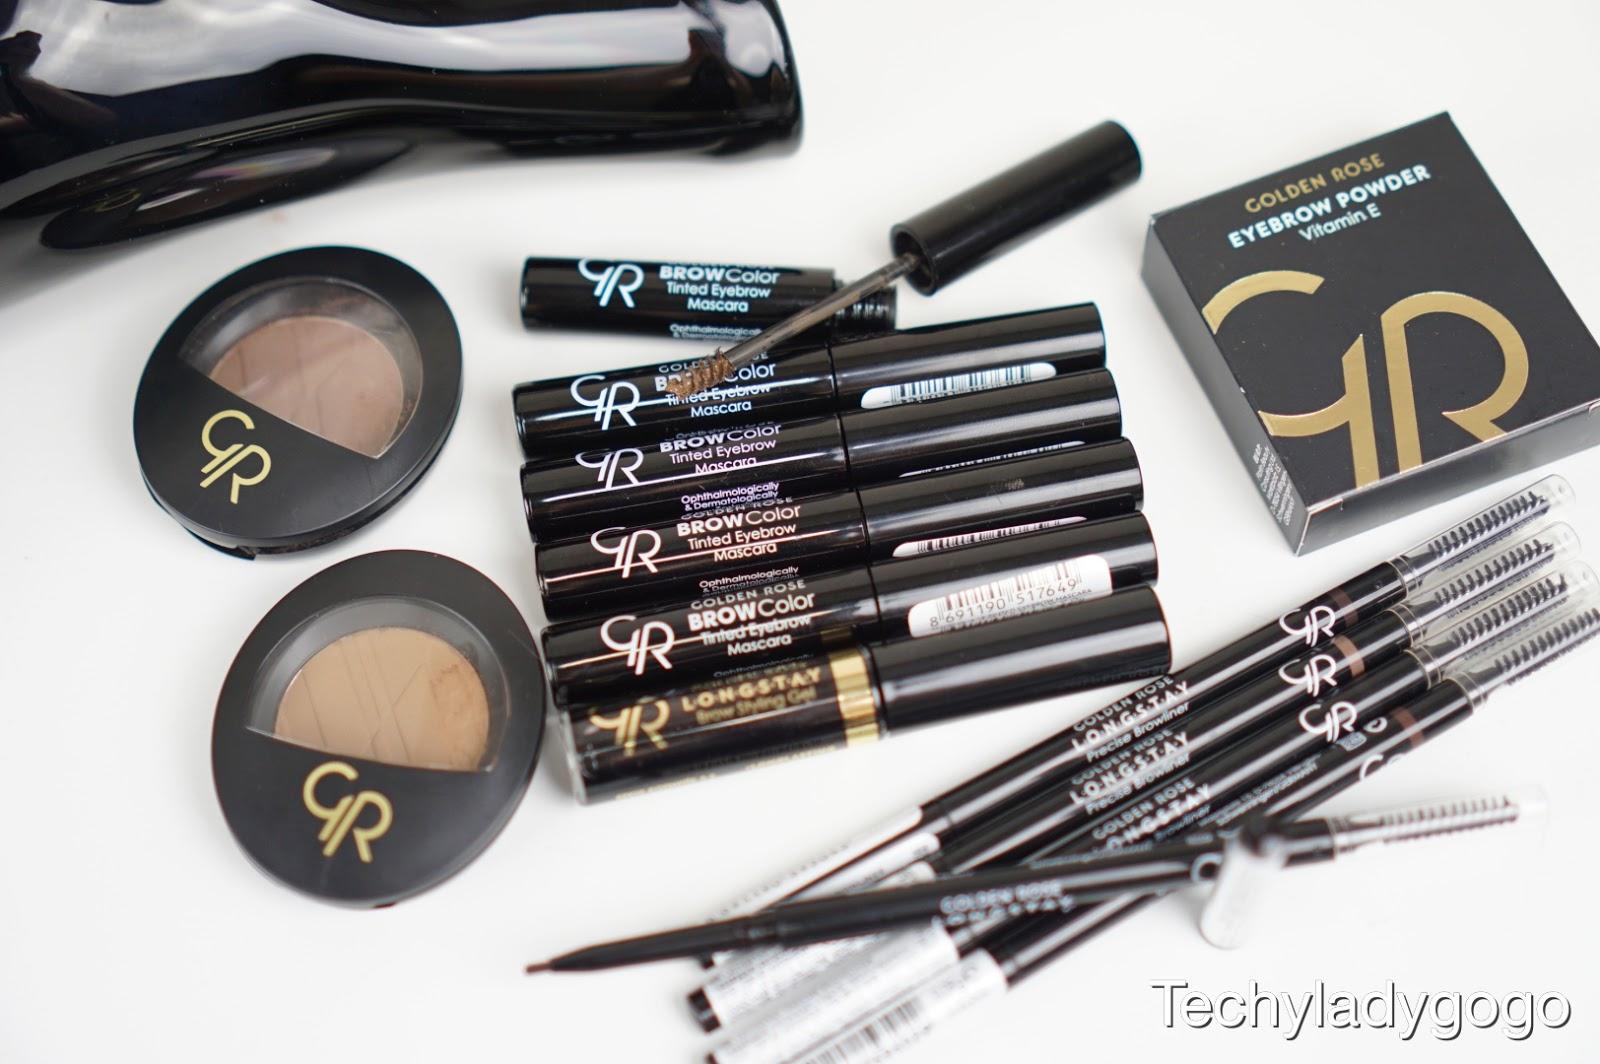 รีวิว ที่เขียนคิ้ว โกลเด้นโรส GR Golden Rose Cosmetics Eyebrow Products